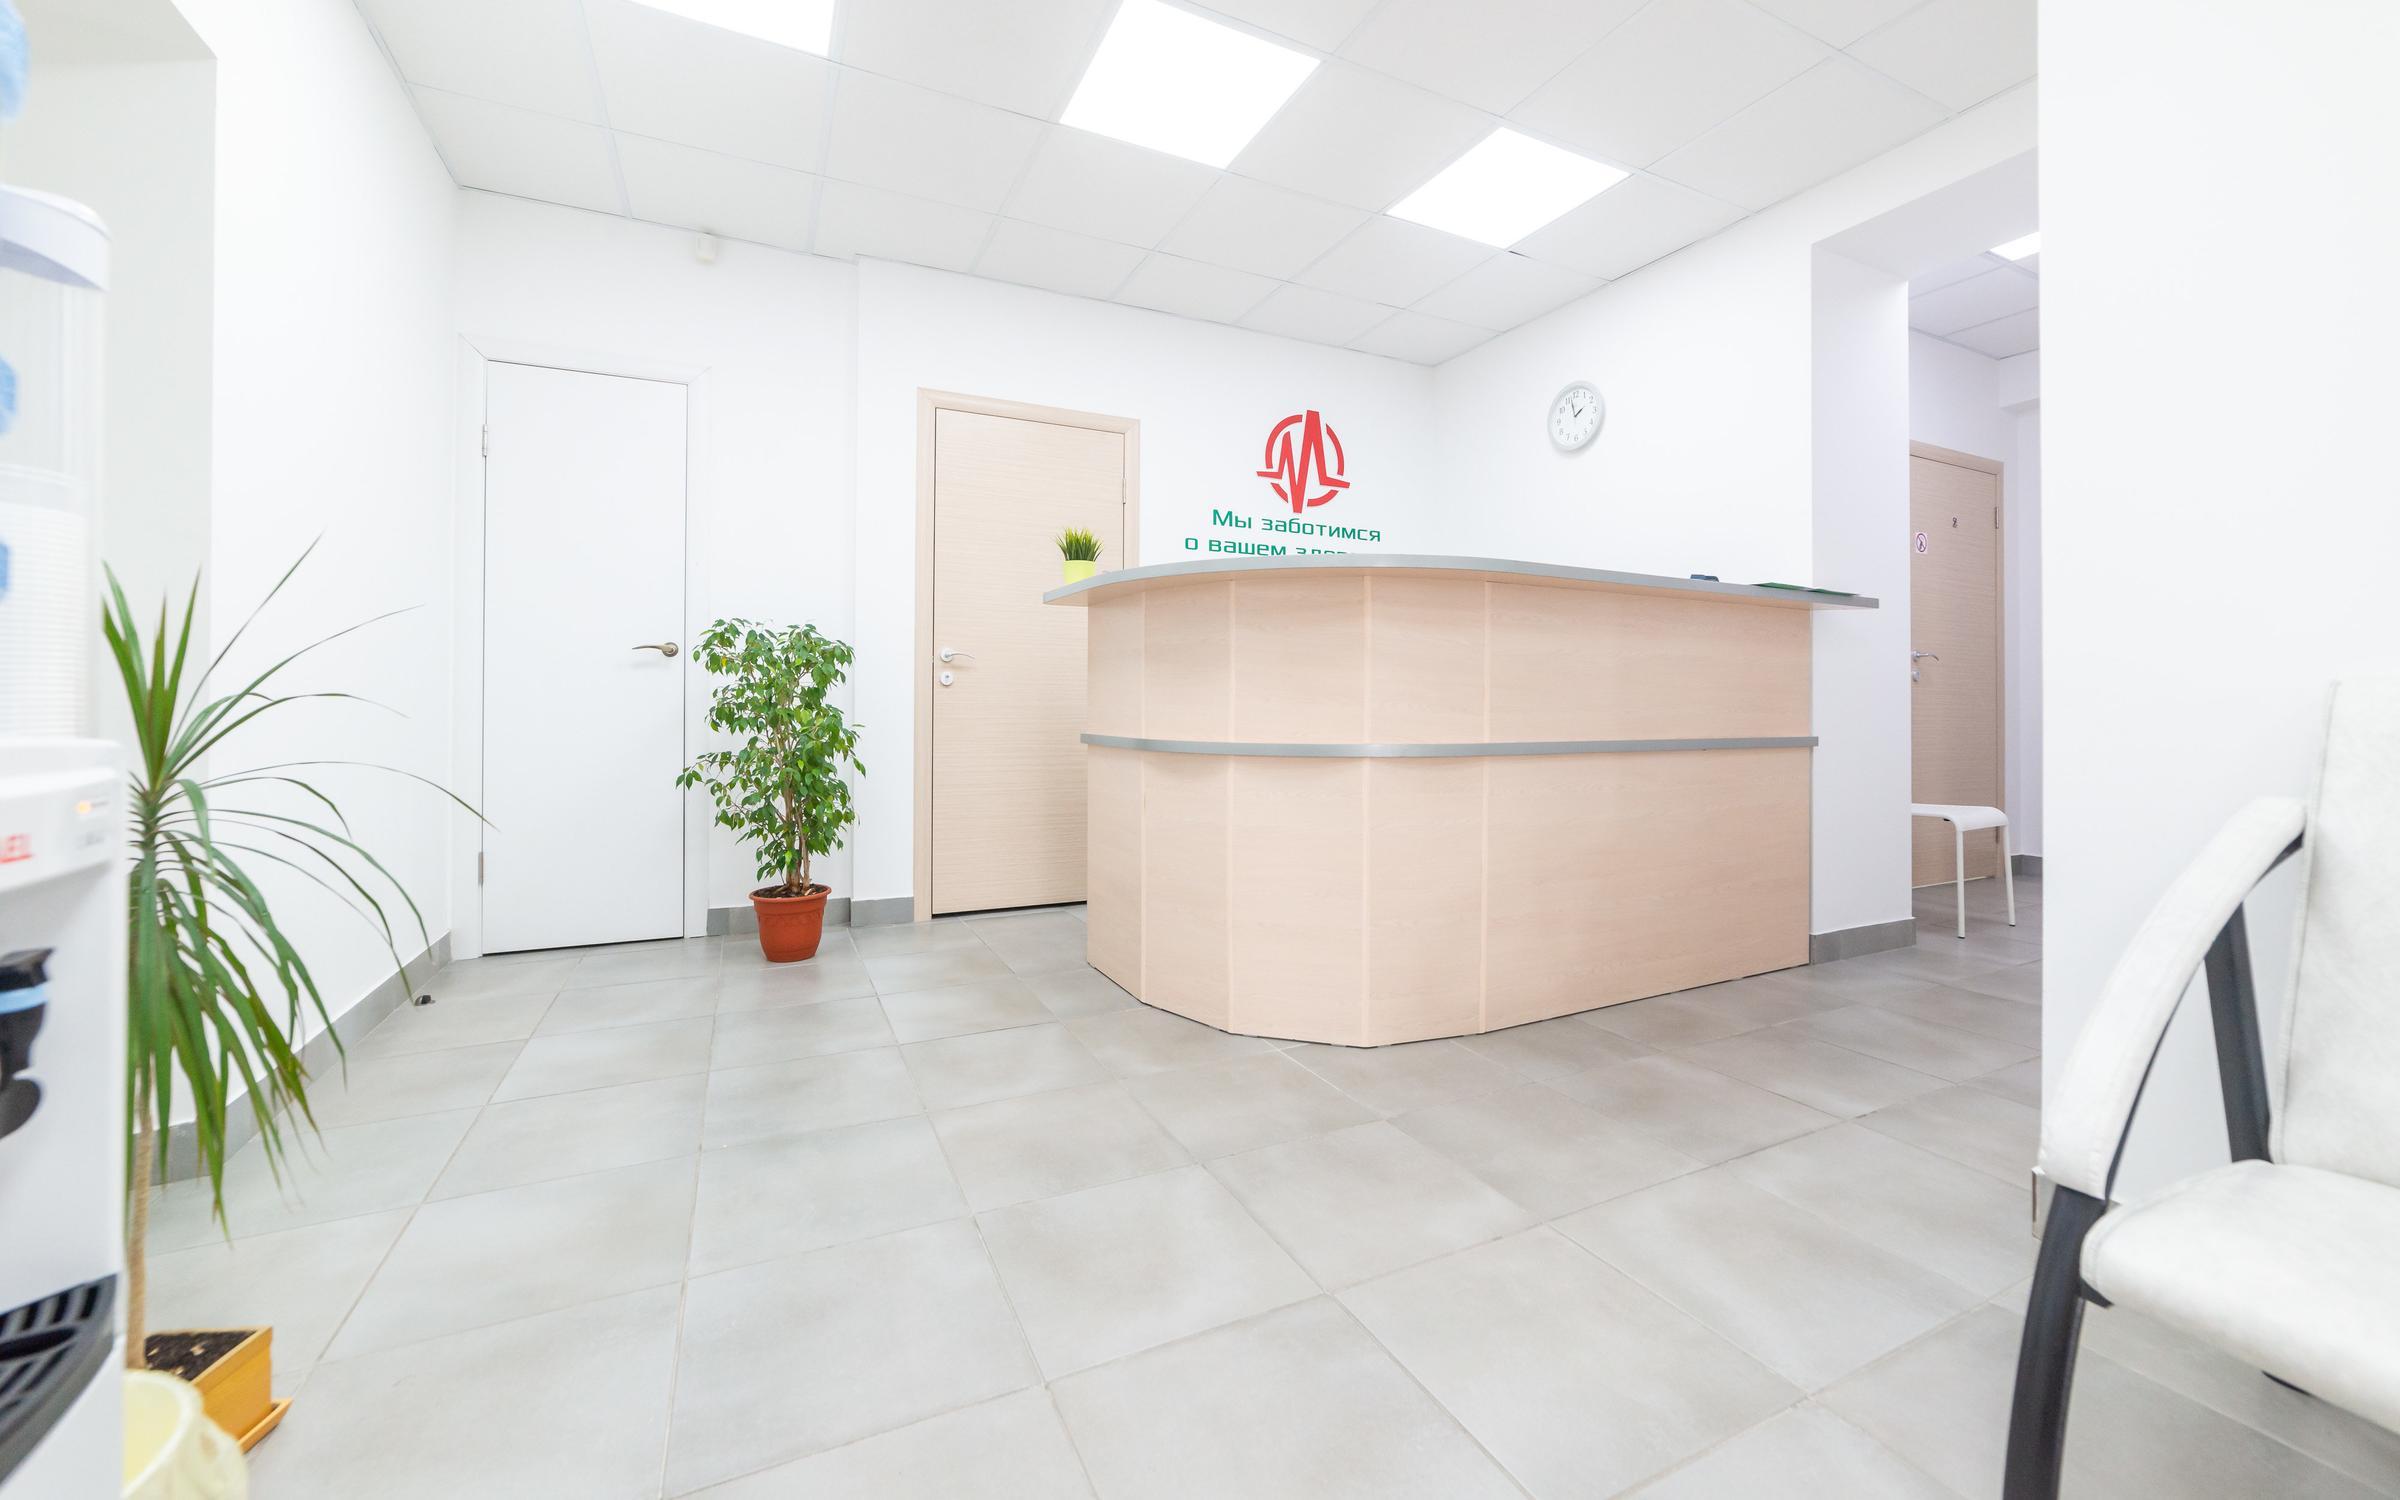 фотография Многопрофильного медицинского центра Медик на улице Семьи Шамшиных